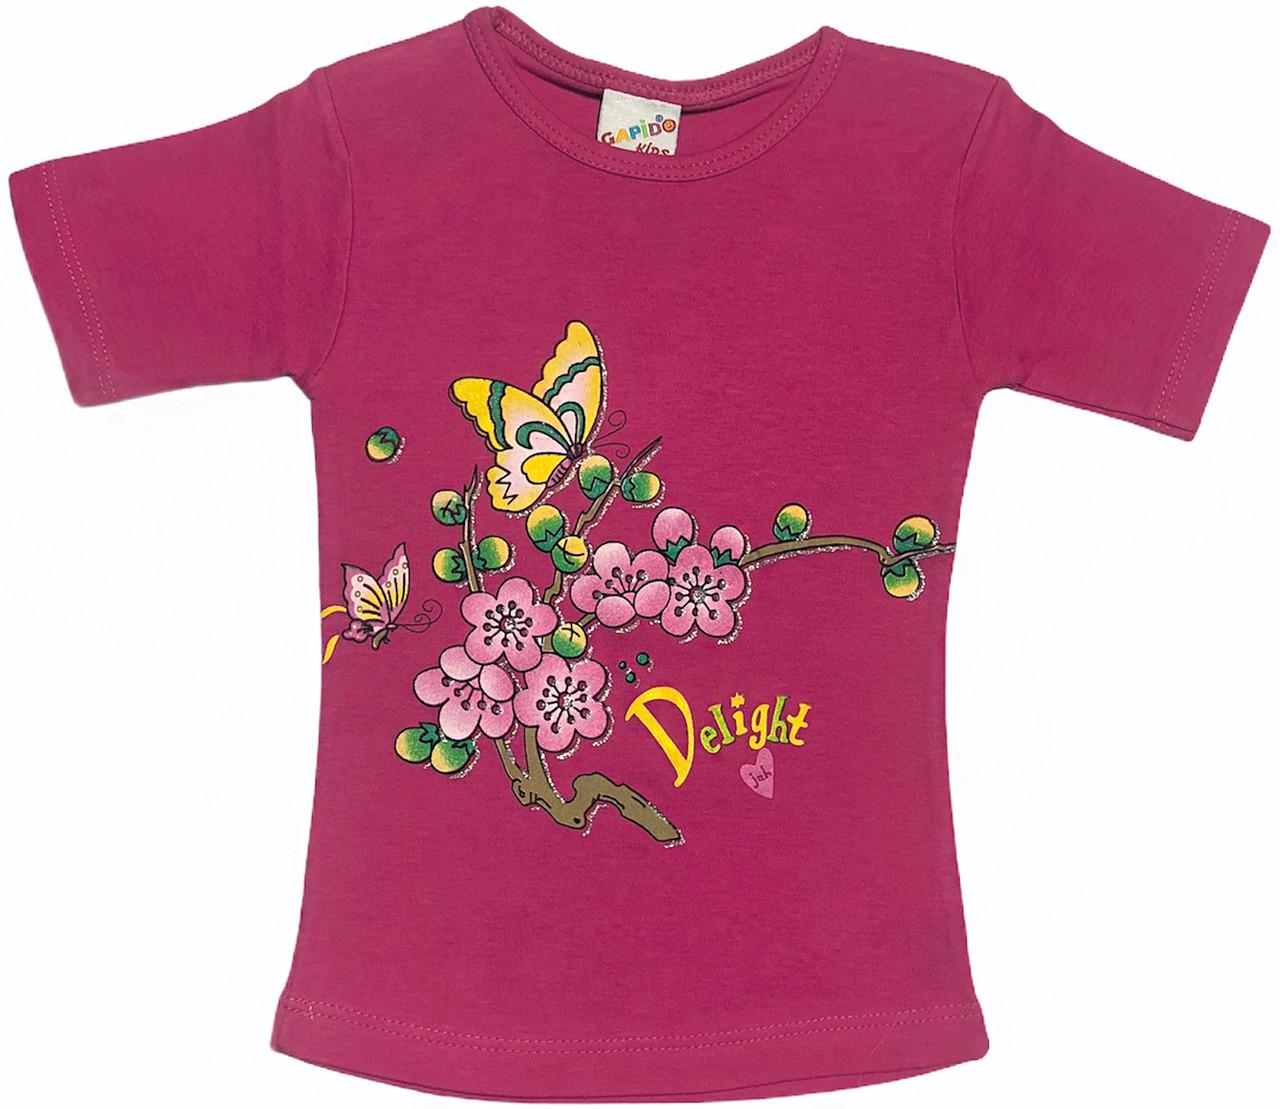 Детская футболка на девочку рост 110 4-5 лет для детей с принтом яркая красивая летняя трикотажная малиновая